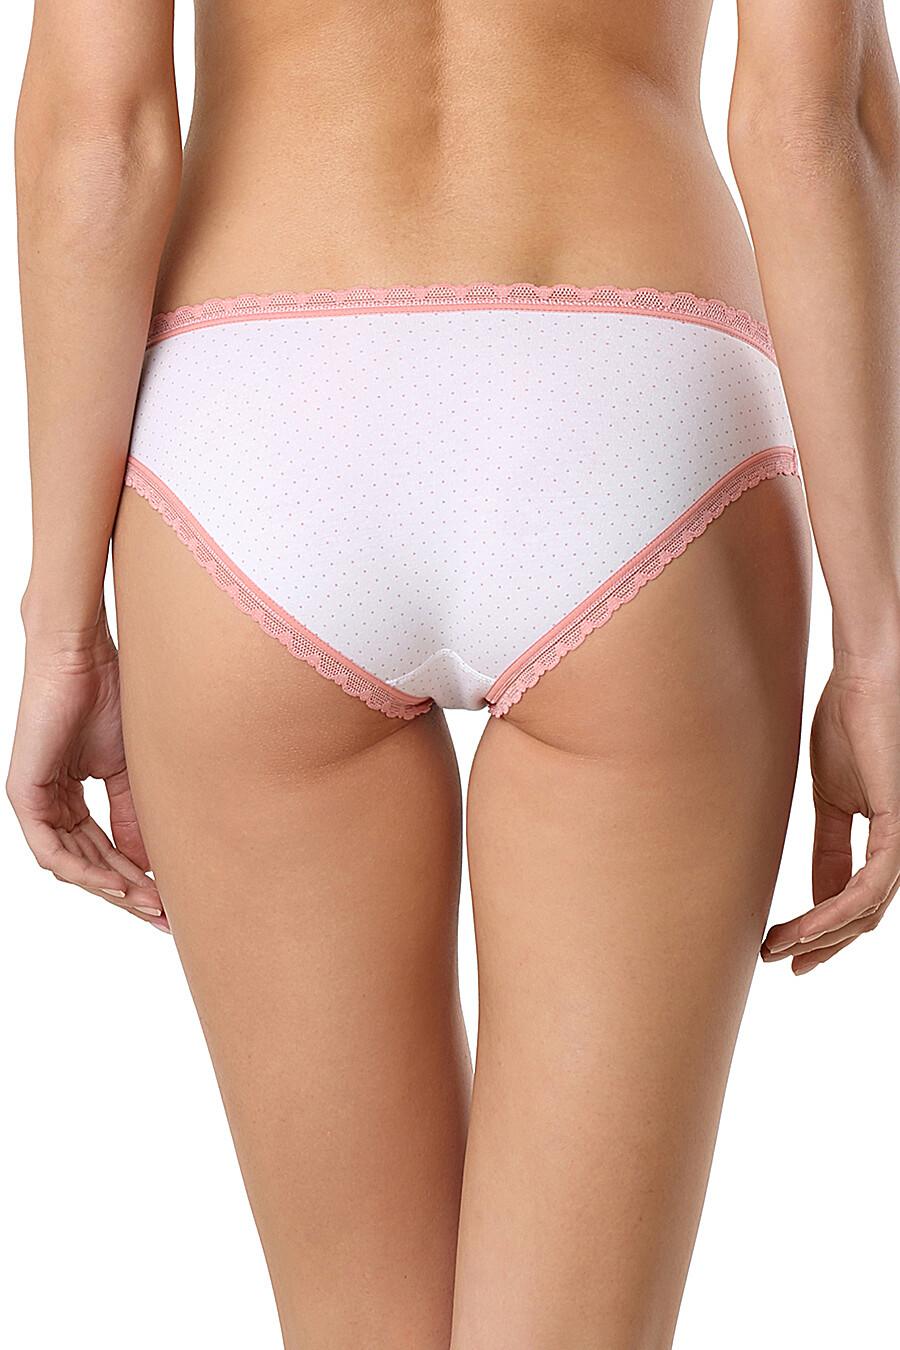 Трусы для женщин CONTE ELEGANT 165312 купить оптом от производителя. Совместная покупка женской одежды в OptMoyo